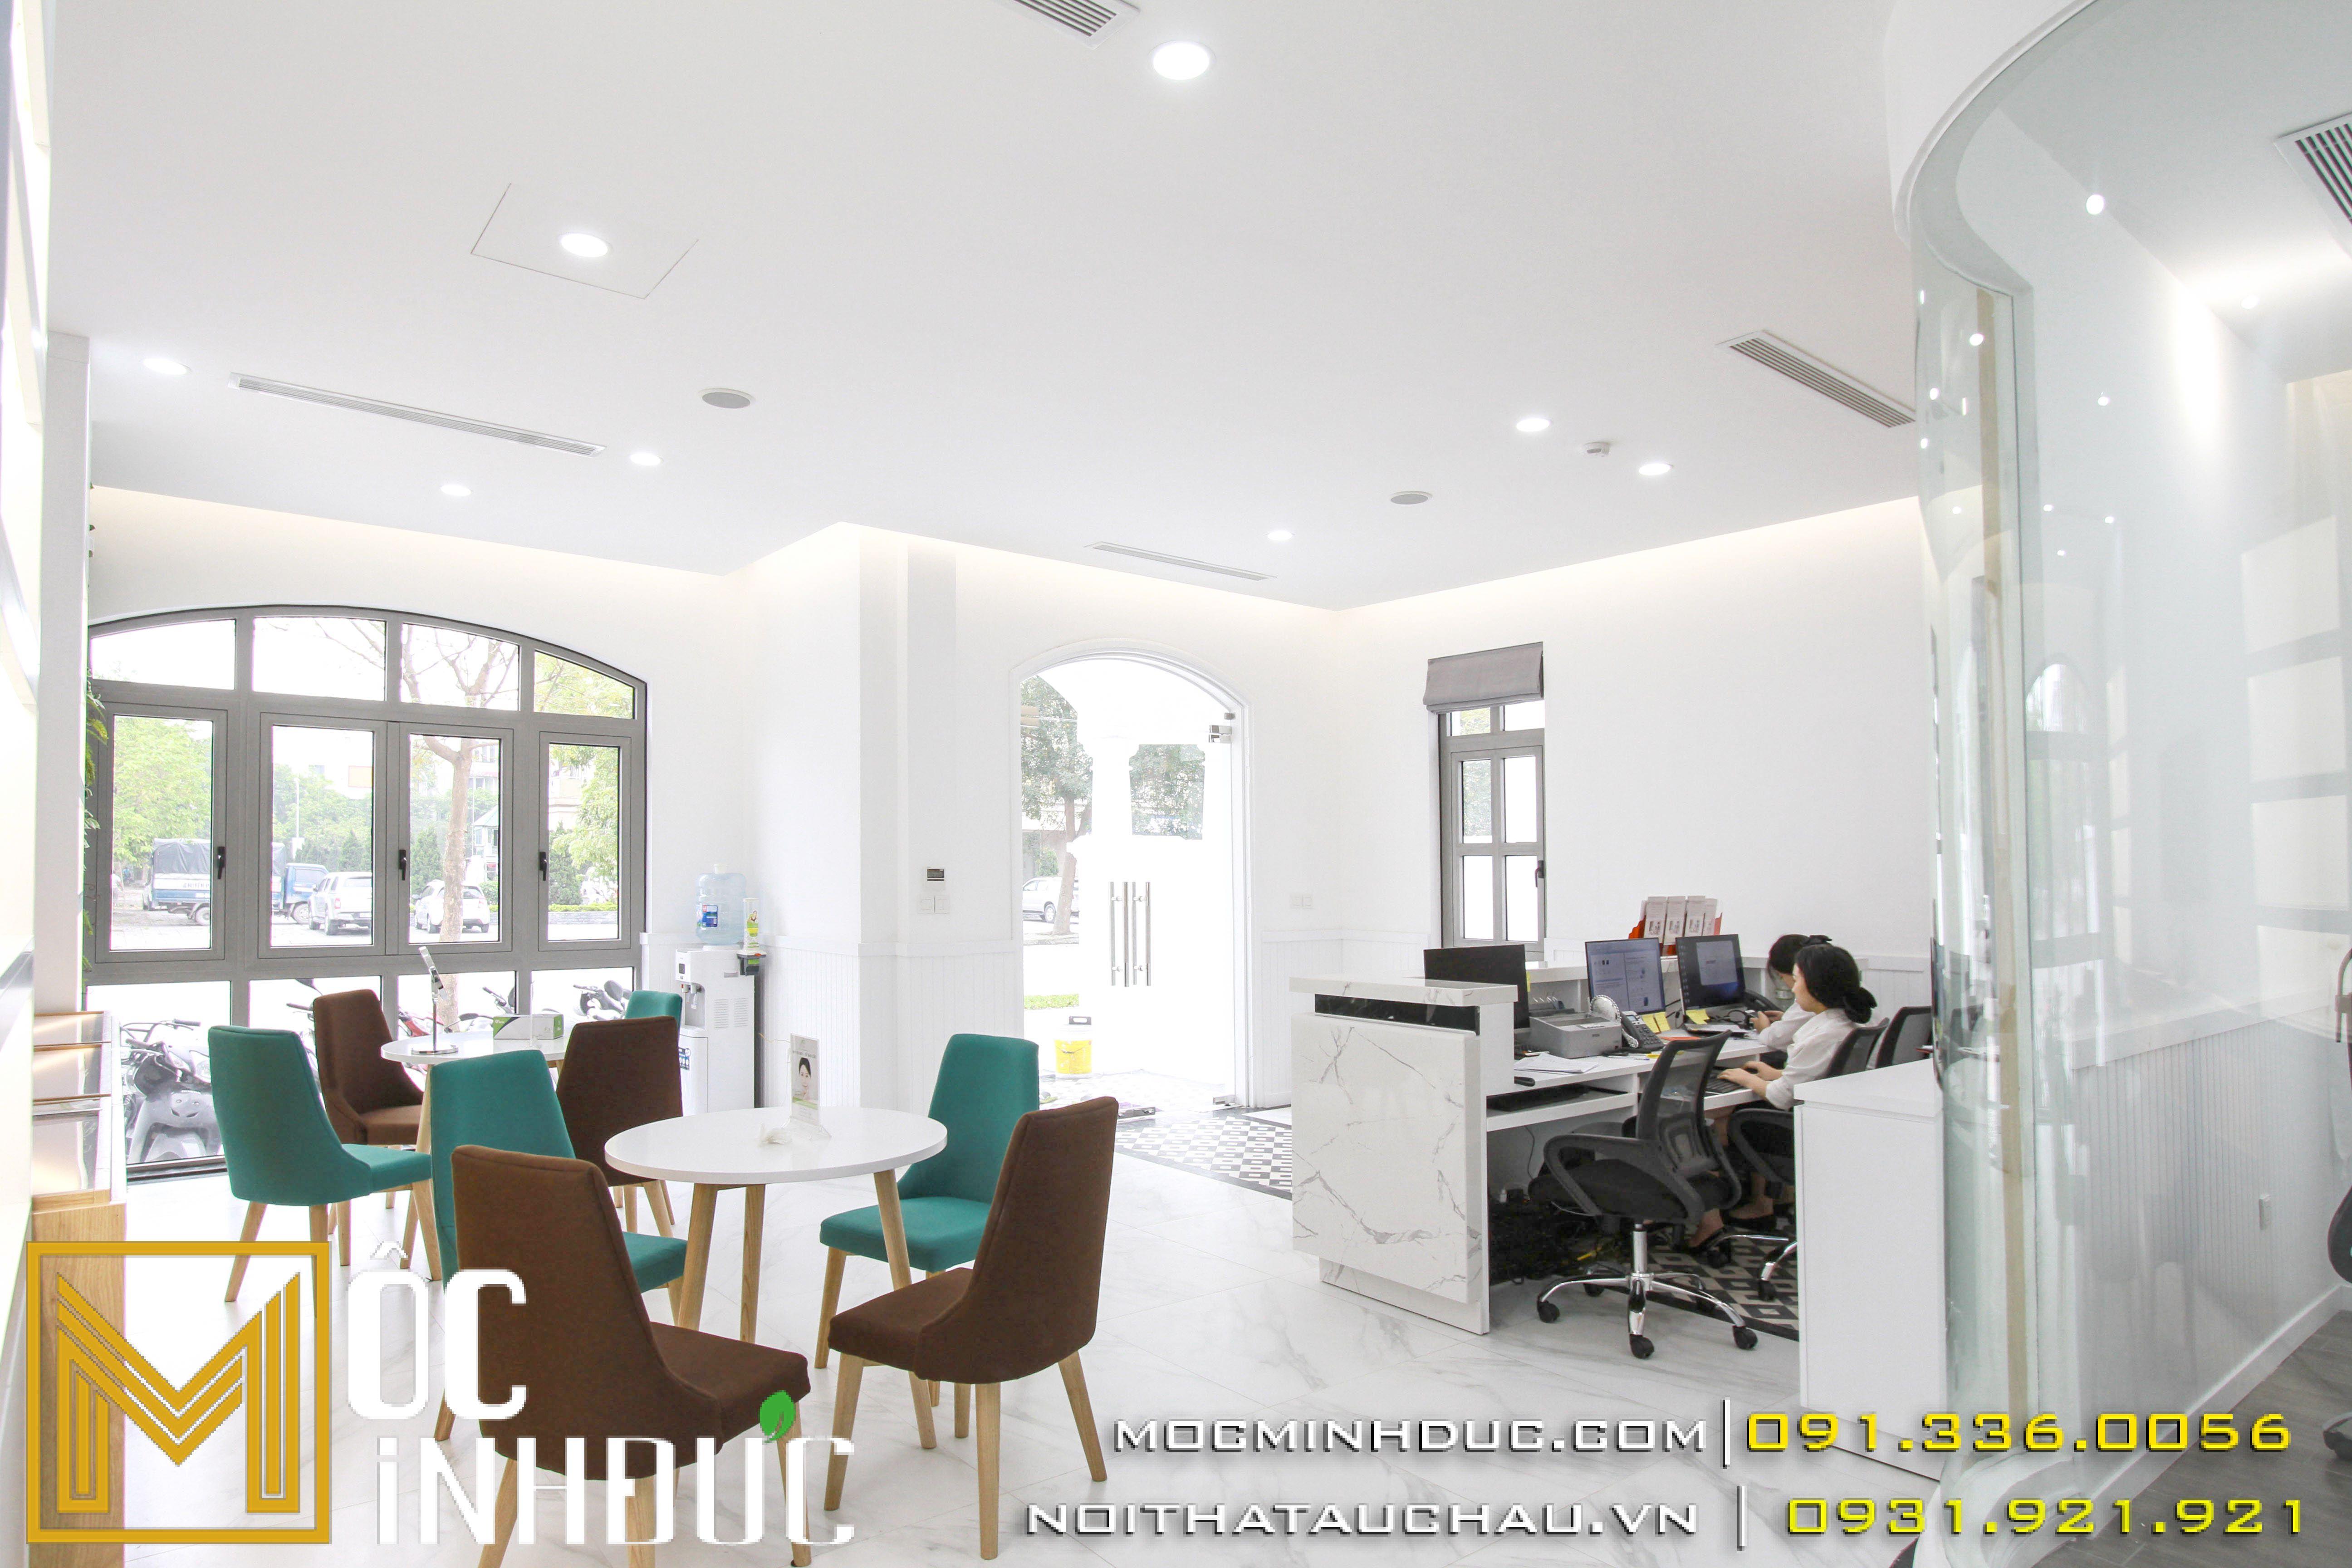 Thiết kế thi công nội thất thẩm mỹ viện tại long biên